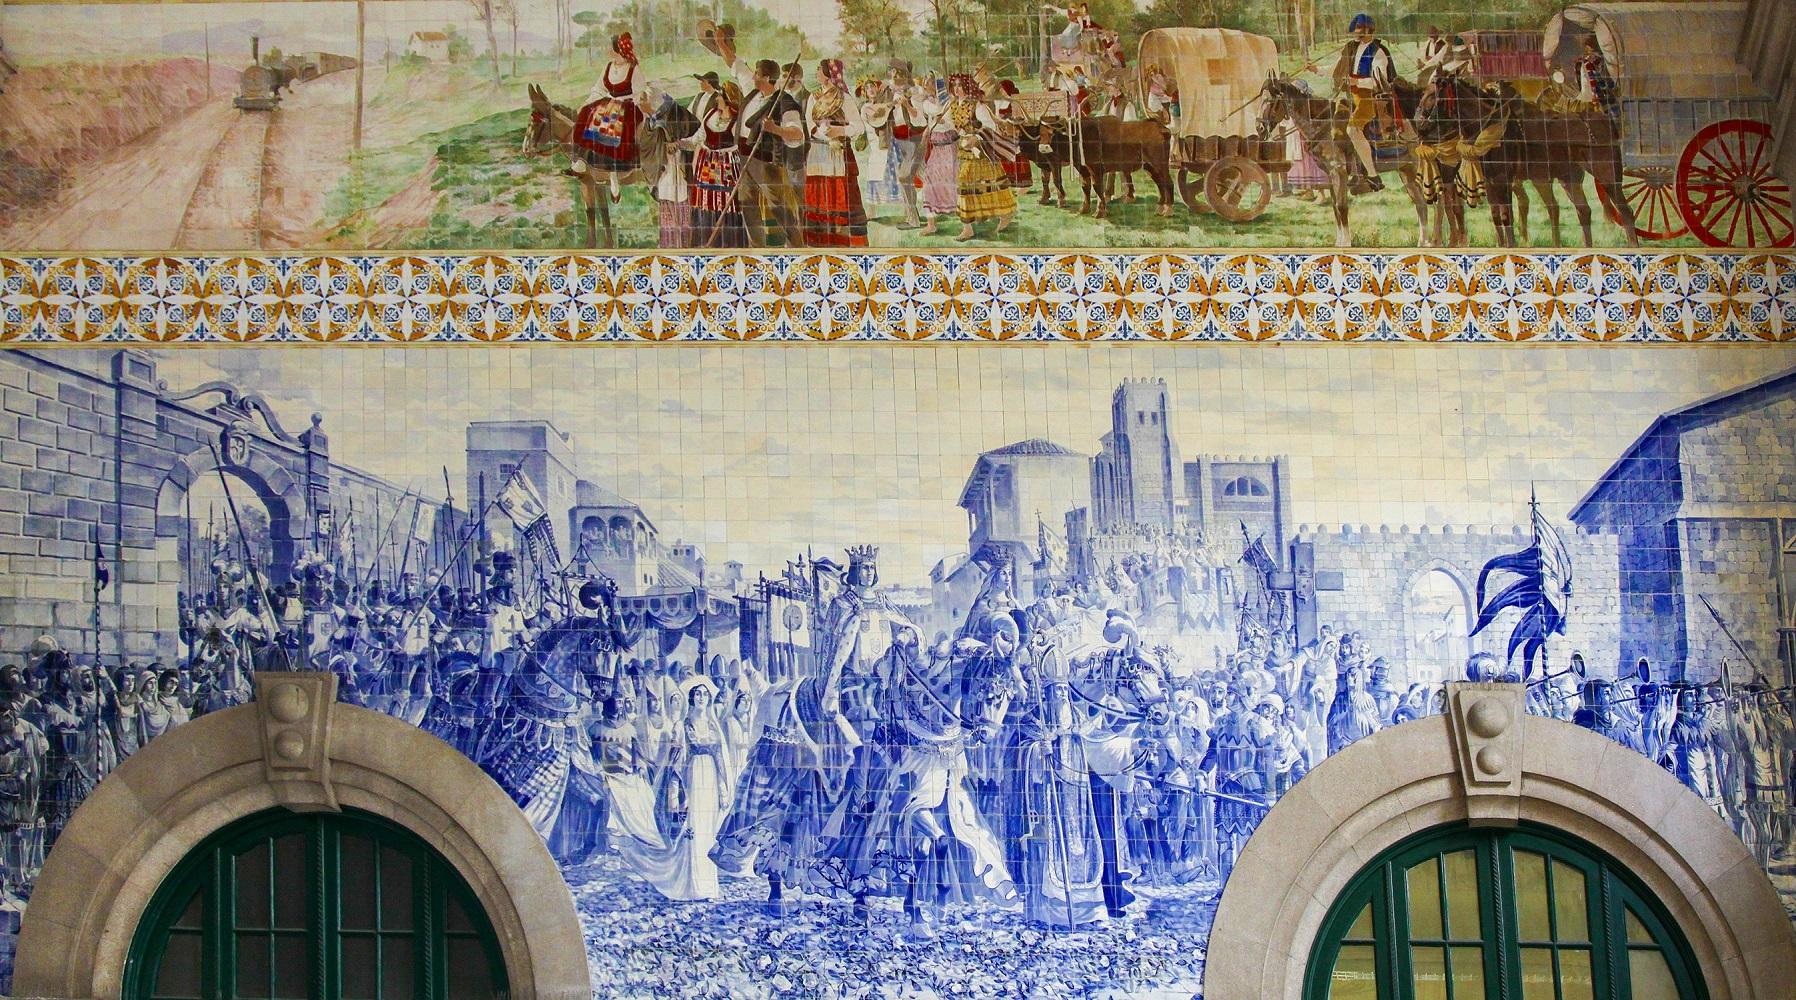 Azulejos, bunt bemalten Keramikfliesen, im Inneren des Bahnhofgebäudes